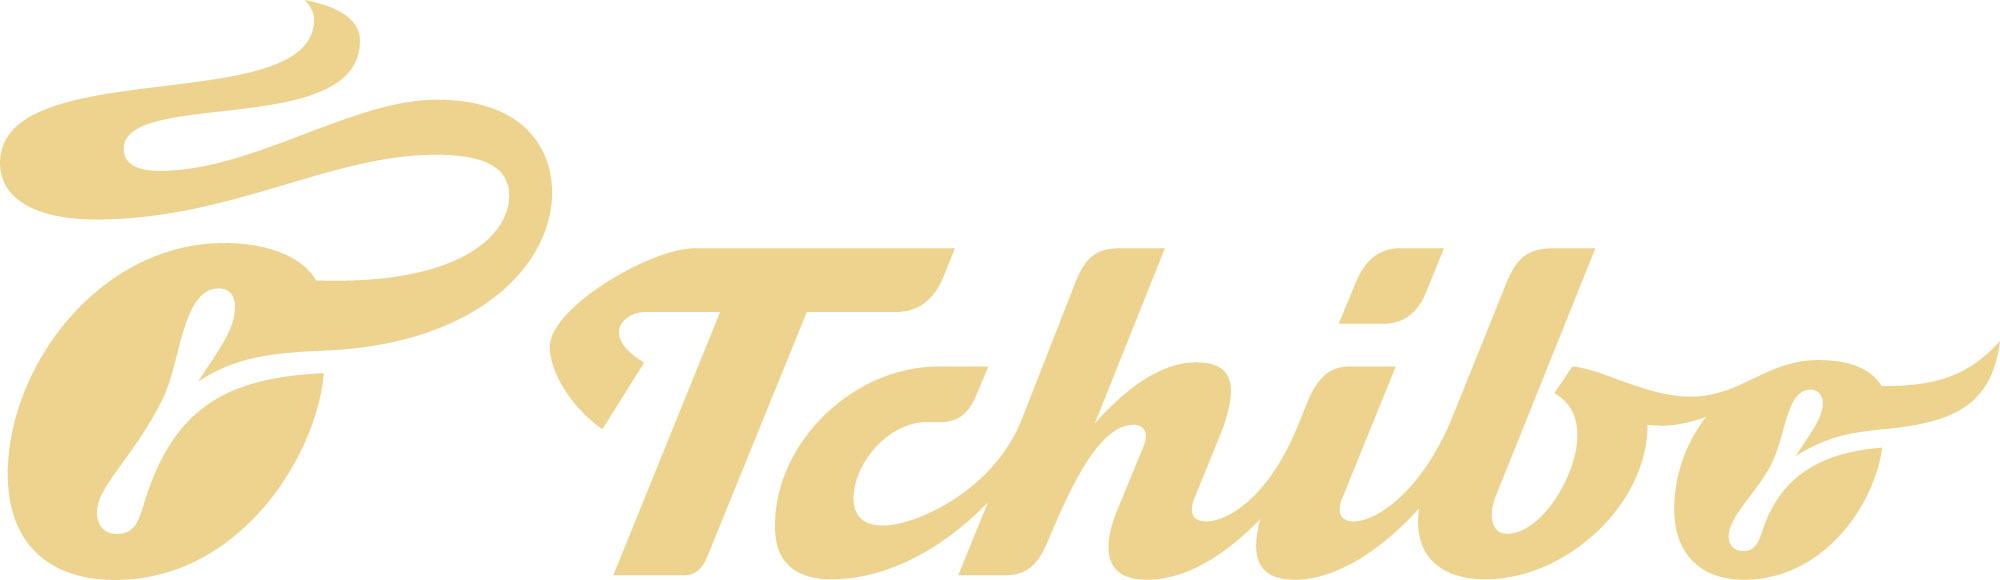 Gewinne mit Tchibo stylische Looks für den Herbst - Sponsor logo